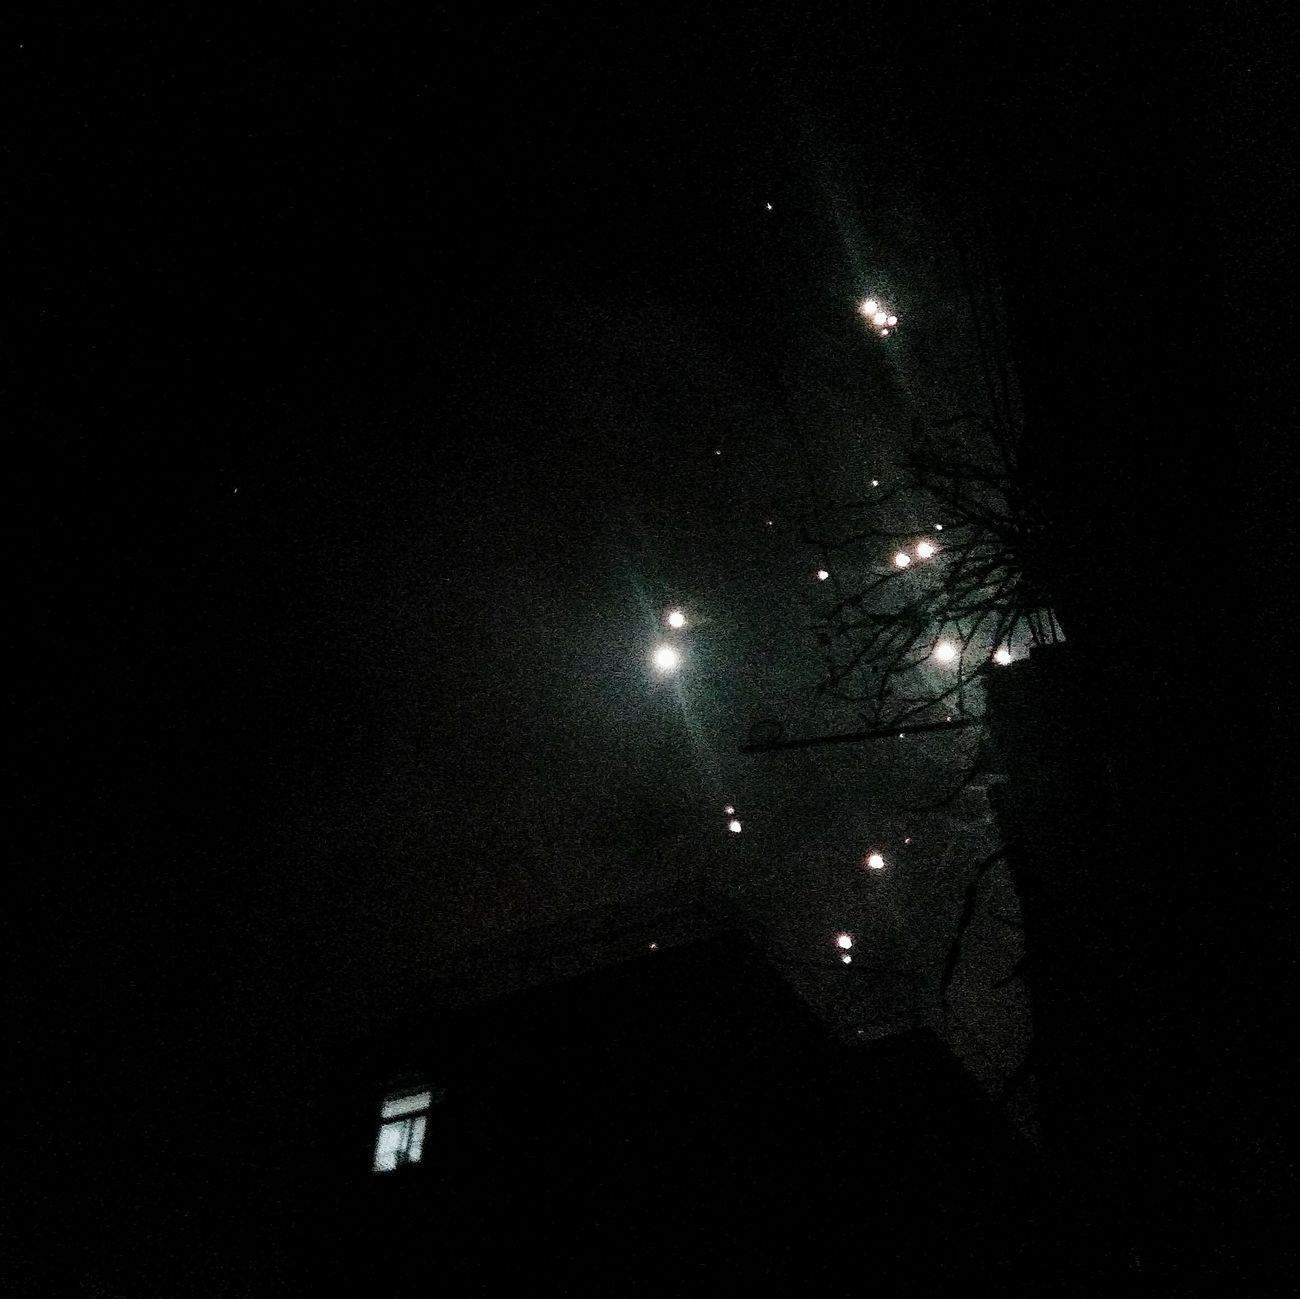 Architecture Nature City City Life Beautiful Day Night Firework Stars Plant - Zhuhai China